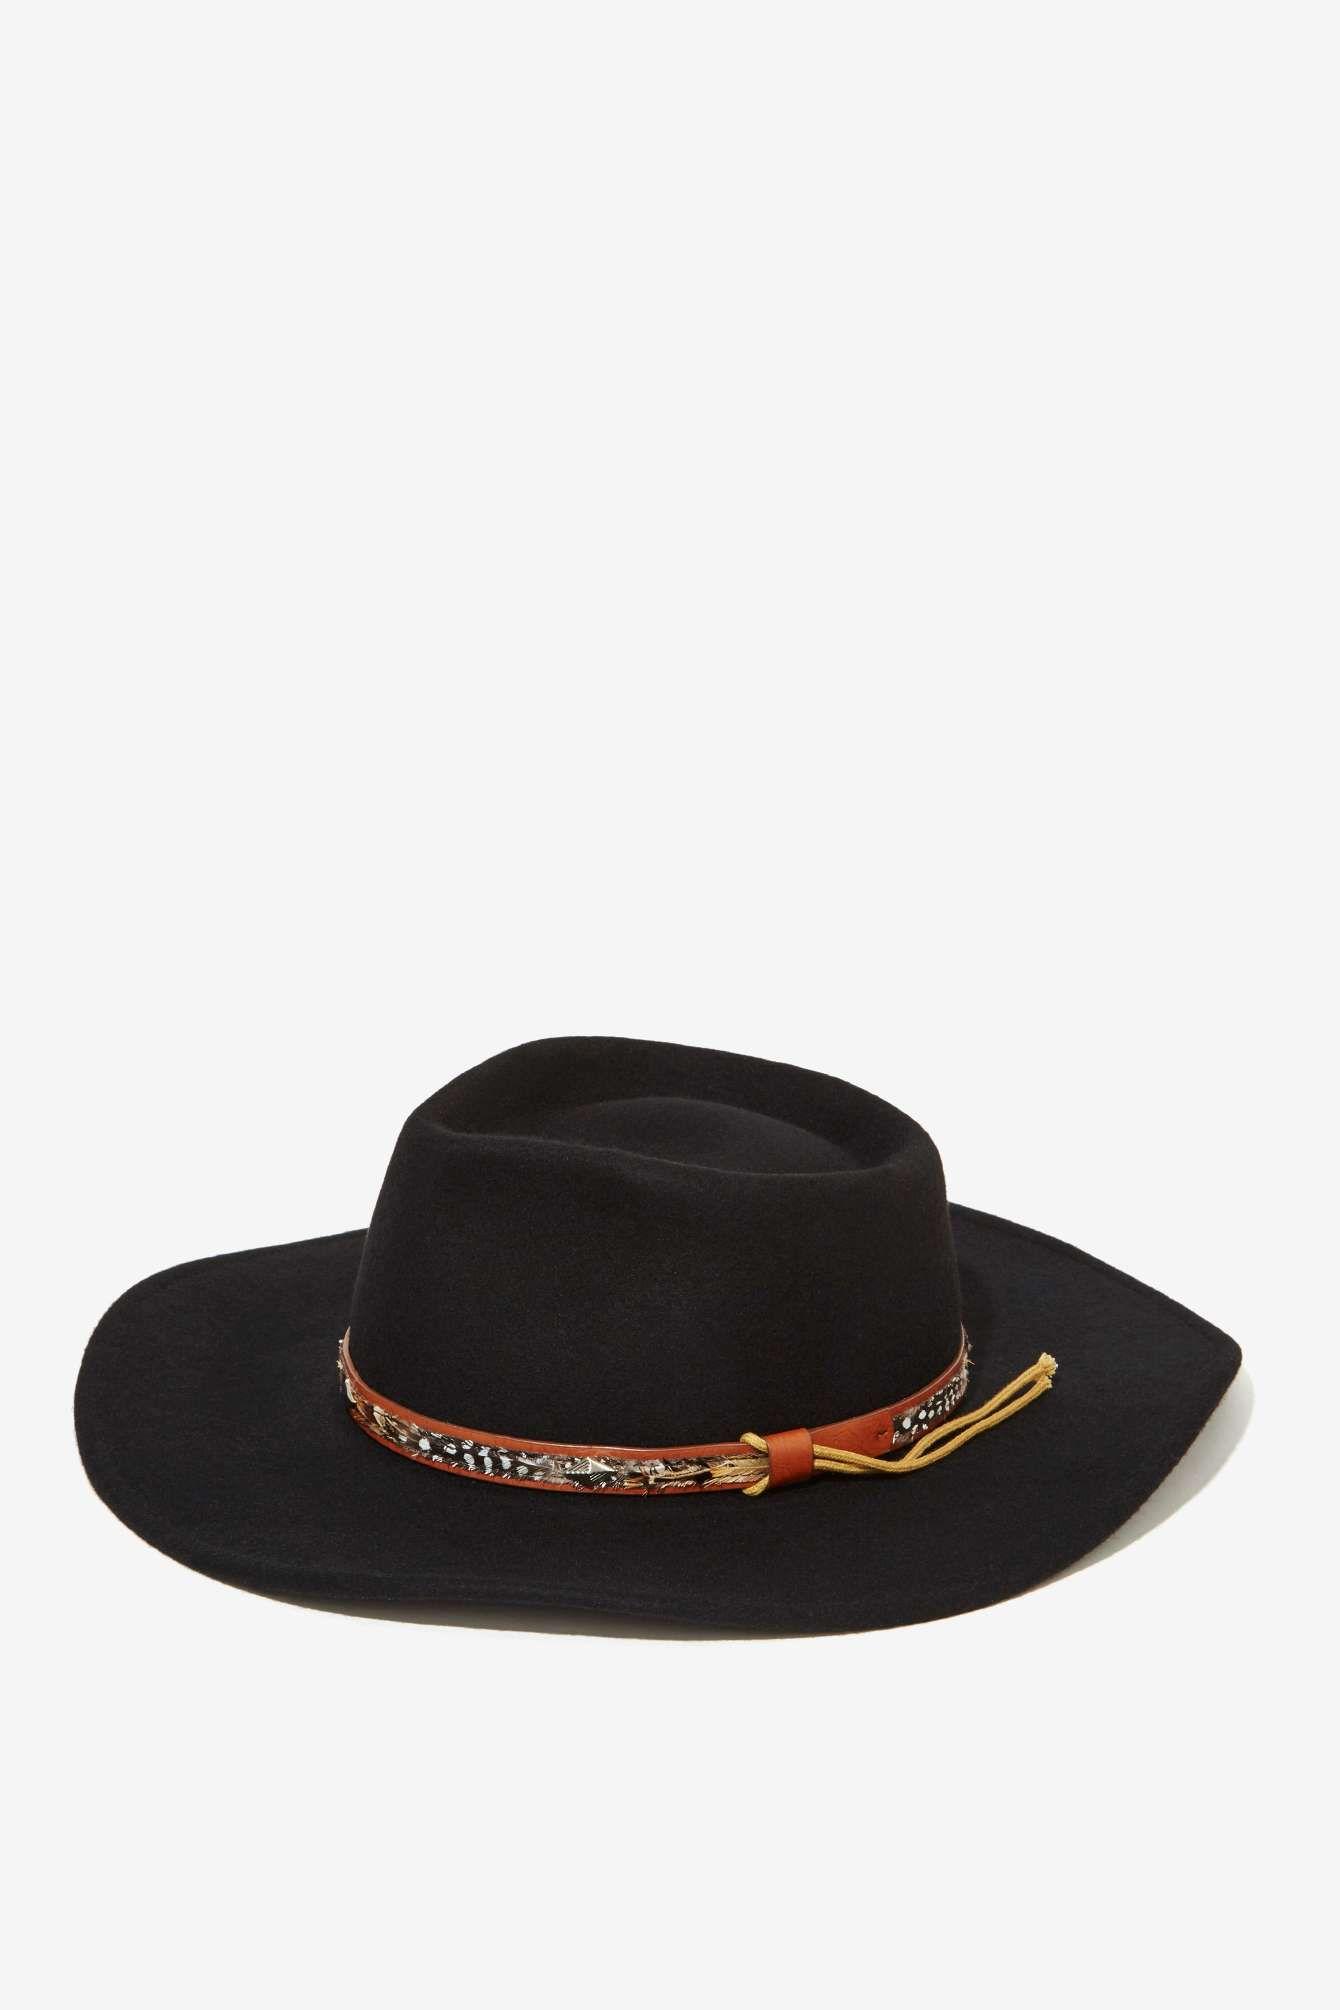 Damn Yankee Wool Panama Hat  6a0f0769fc92